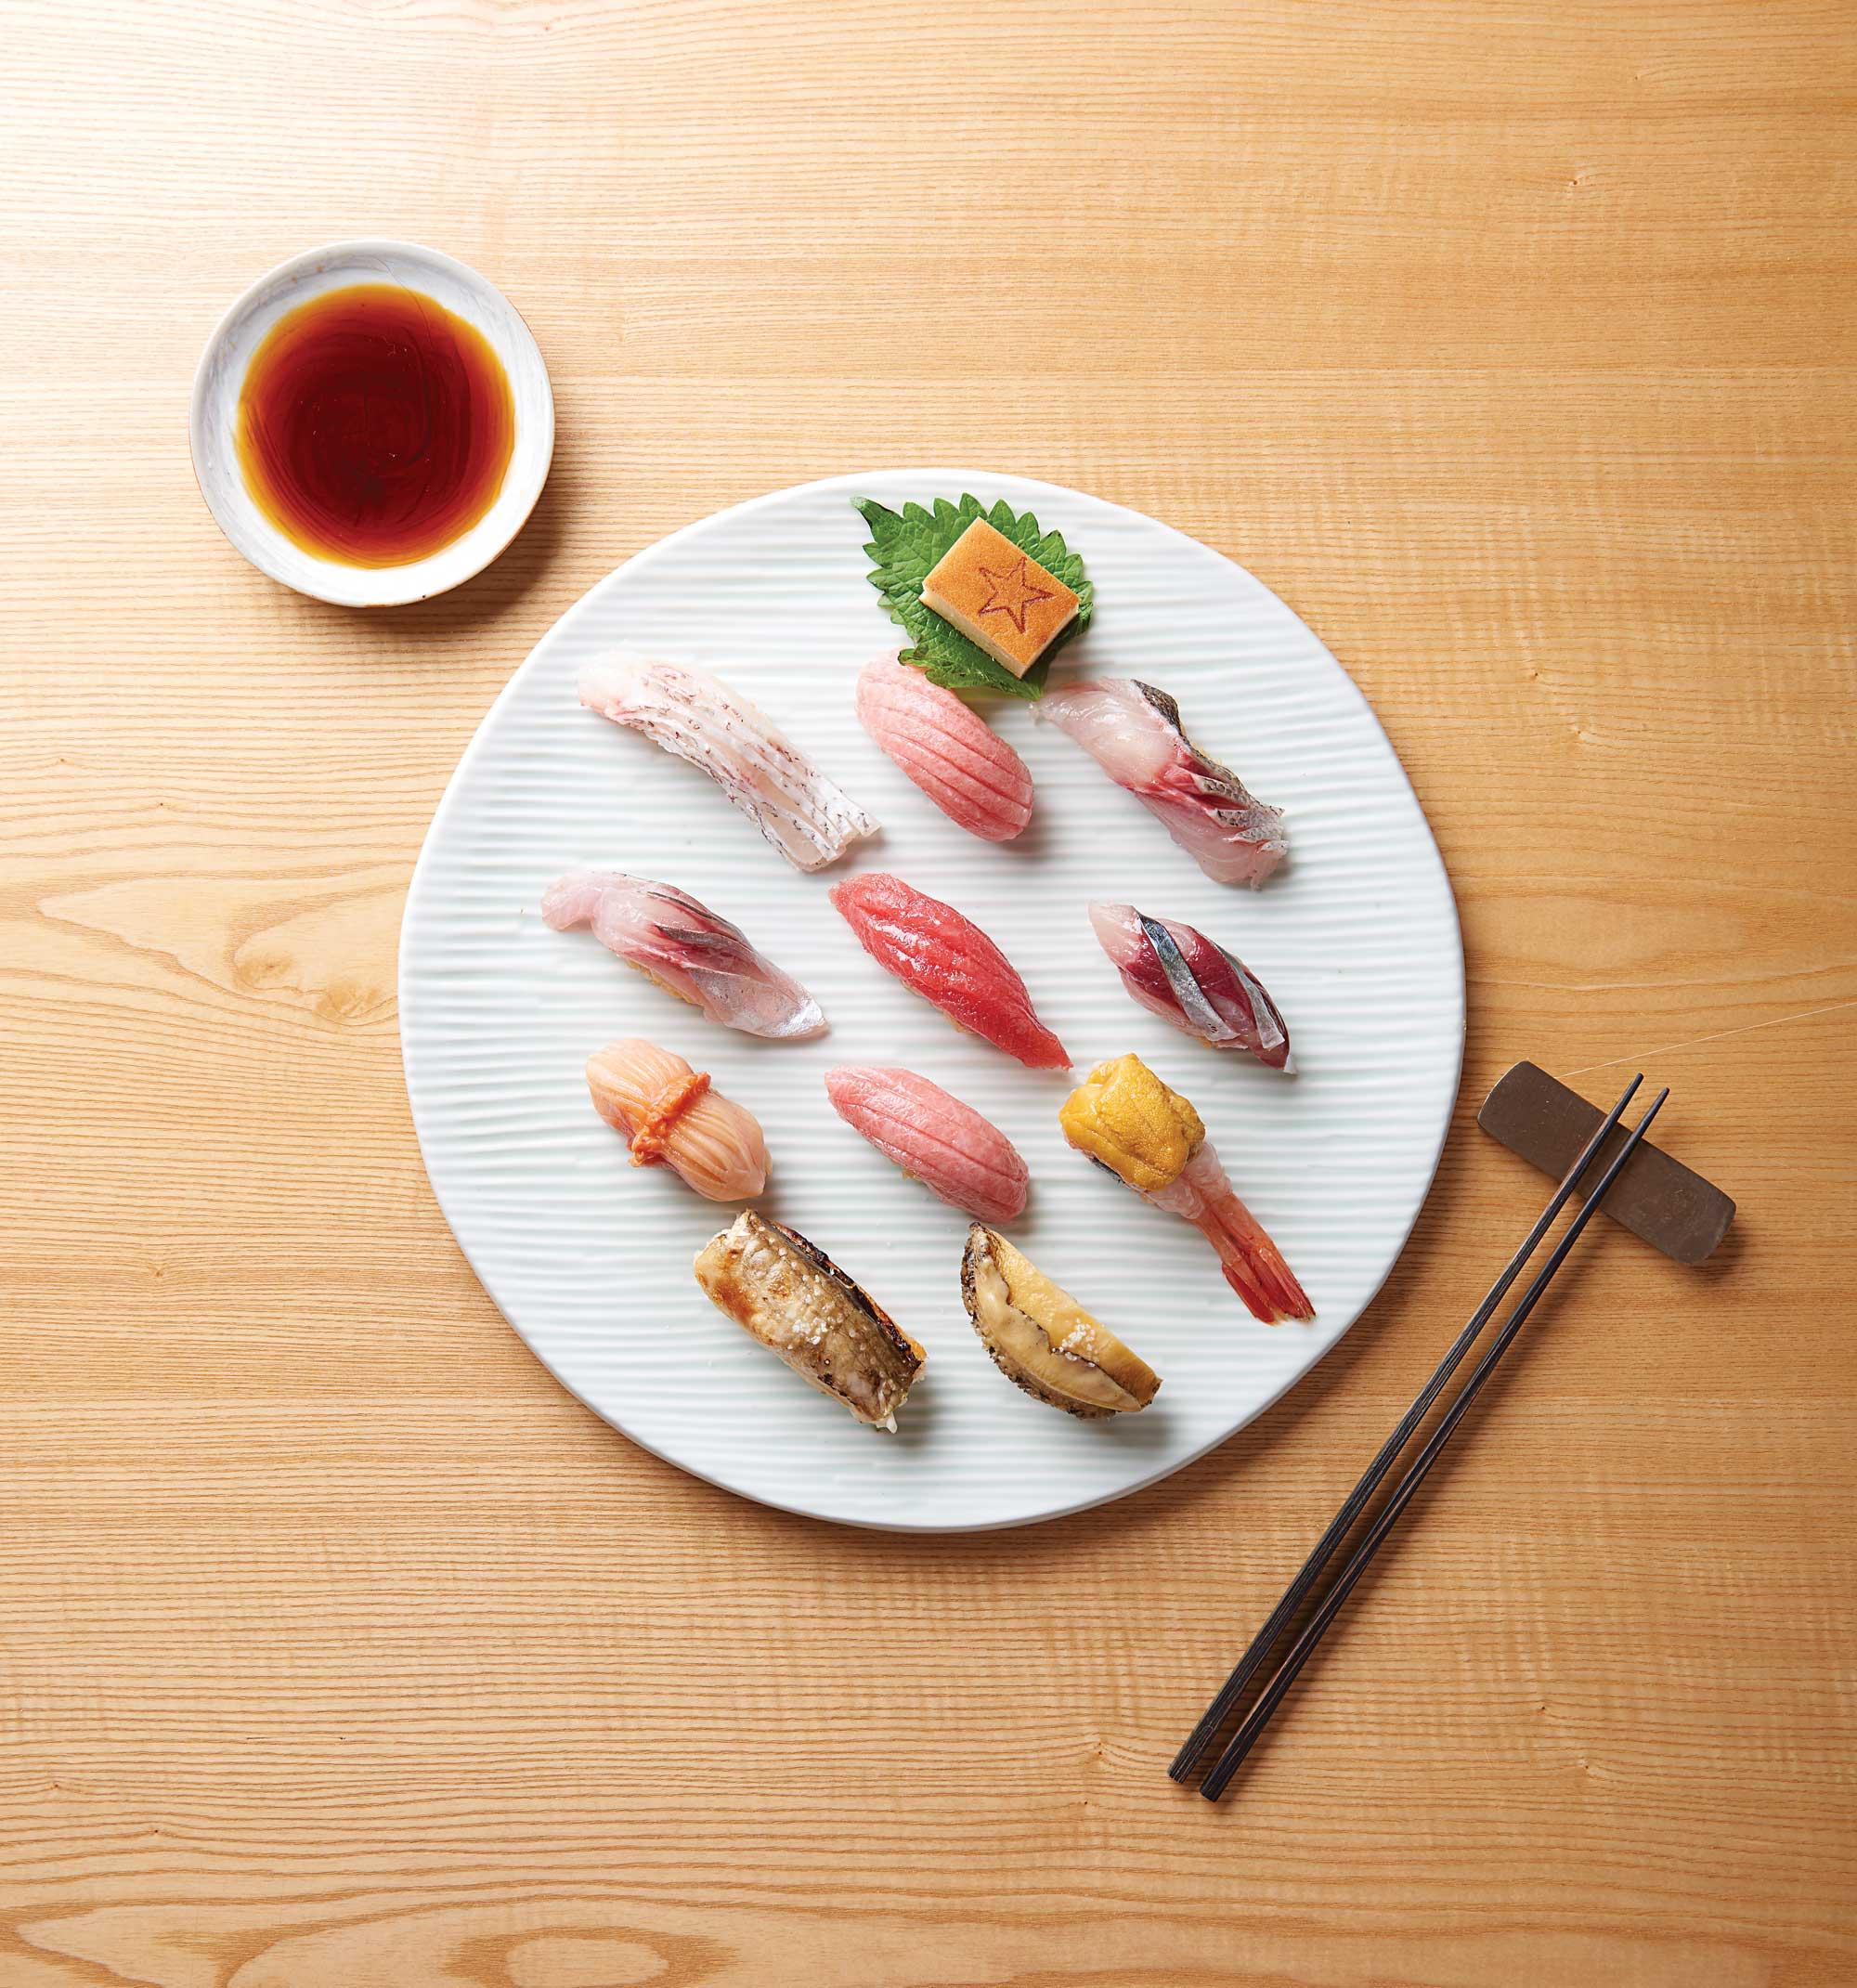 스시호시카이의 오마카세. 한치와 성게알, 금태스시, 단새우성게알, 아까미, 참치뱃살 등으로 구성됐다. 오마카세는 담백한 맛에서 시작해 지방이 많은 것, 향이 강한 것의 순서로 먹는다.